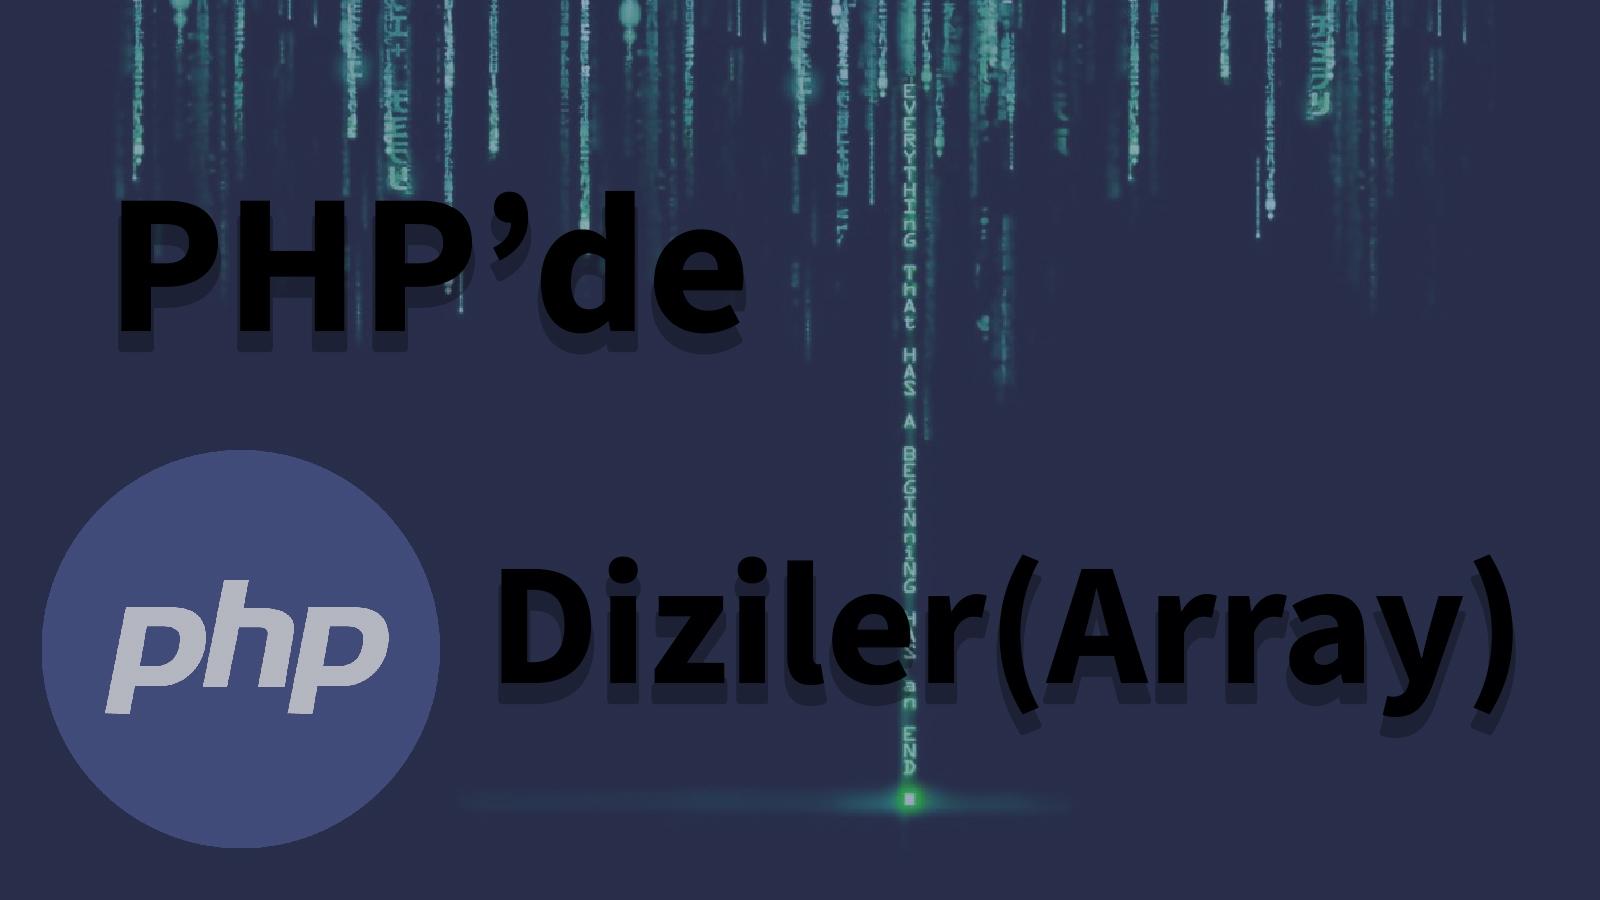 php array, php dizi, php dizi kullanımı, php dizi tanımlama, php diziler, diziler php, php de diziler, php, php dersleri